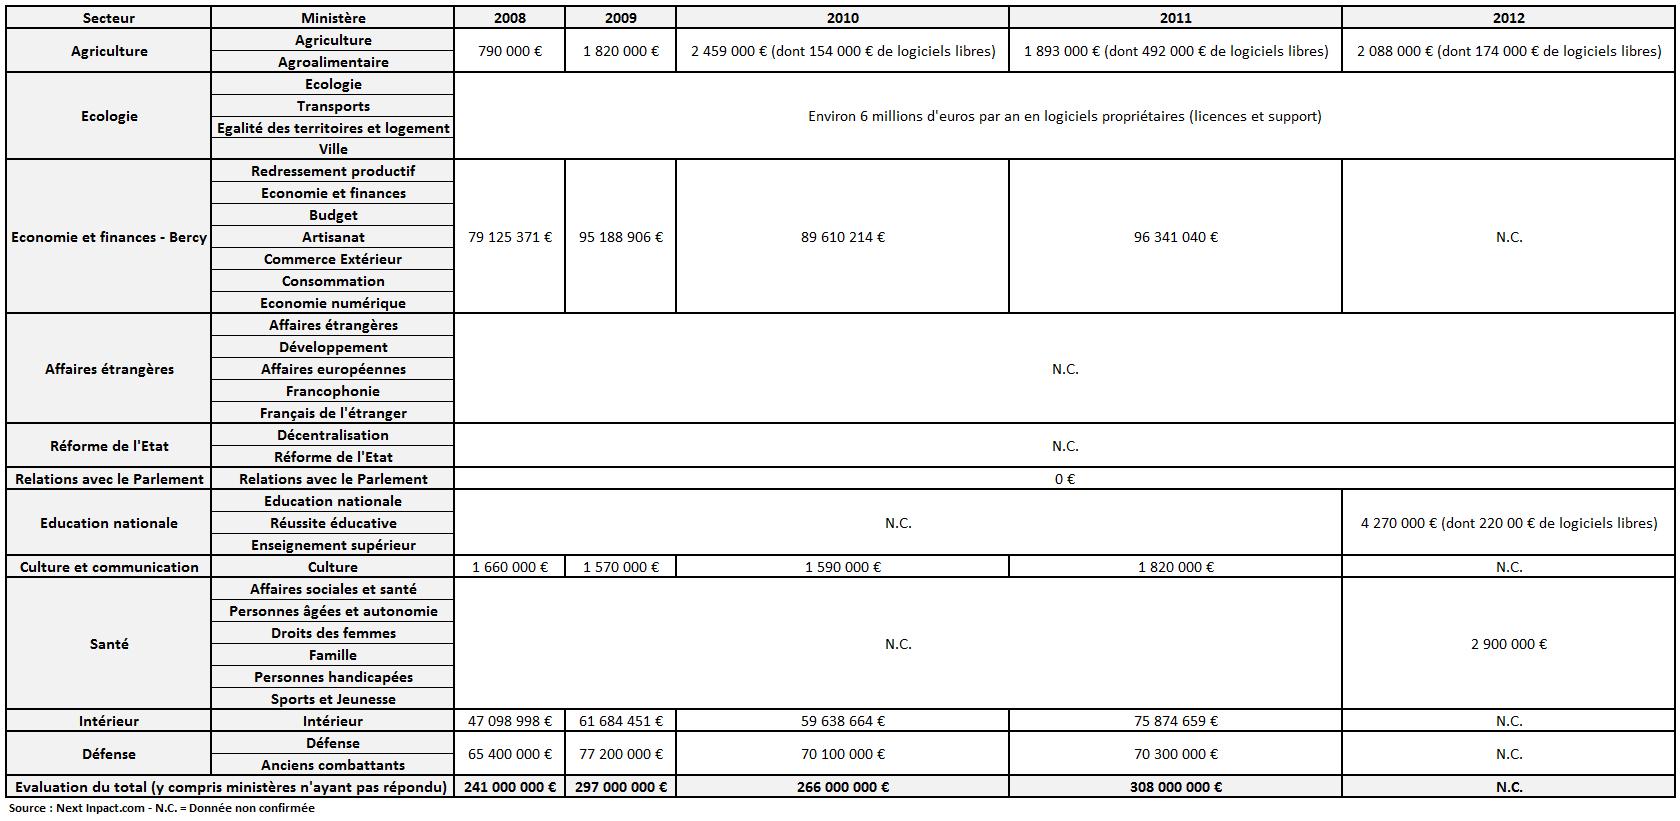 Tableau dépenses des ministères en 2013